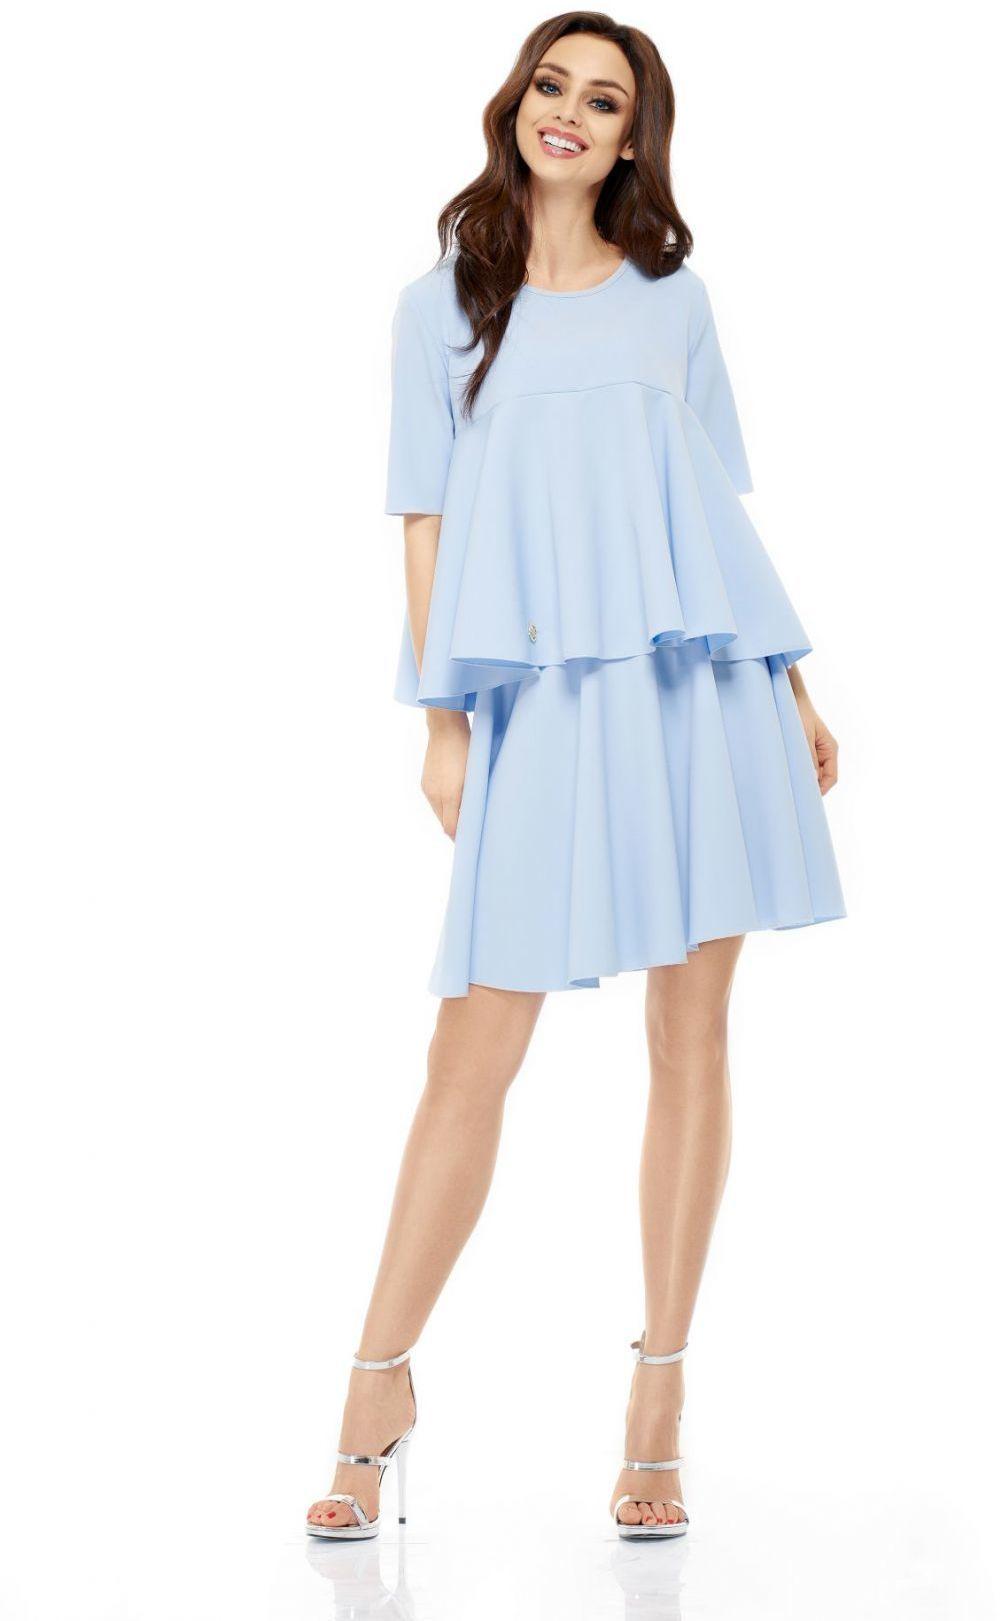 Komplet bluzka i spódnica L238 błękitny